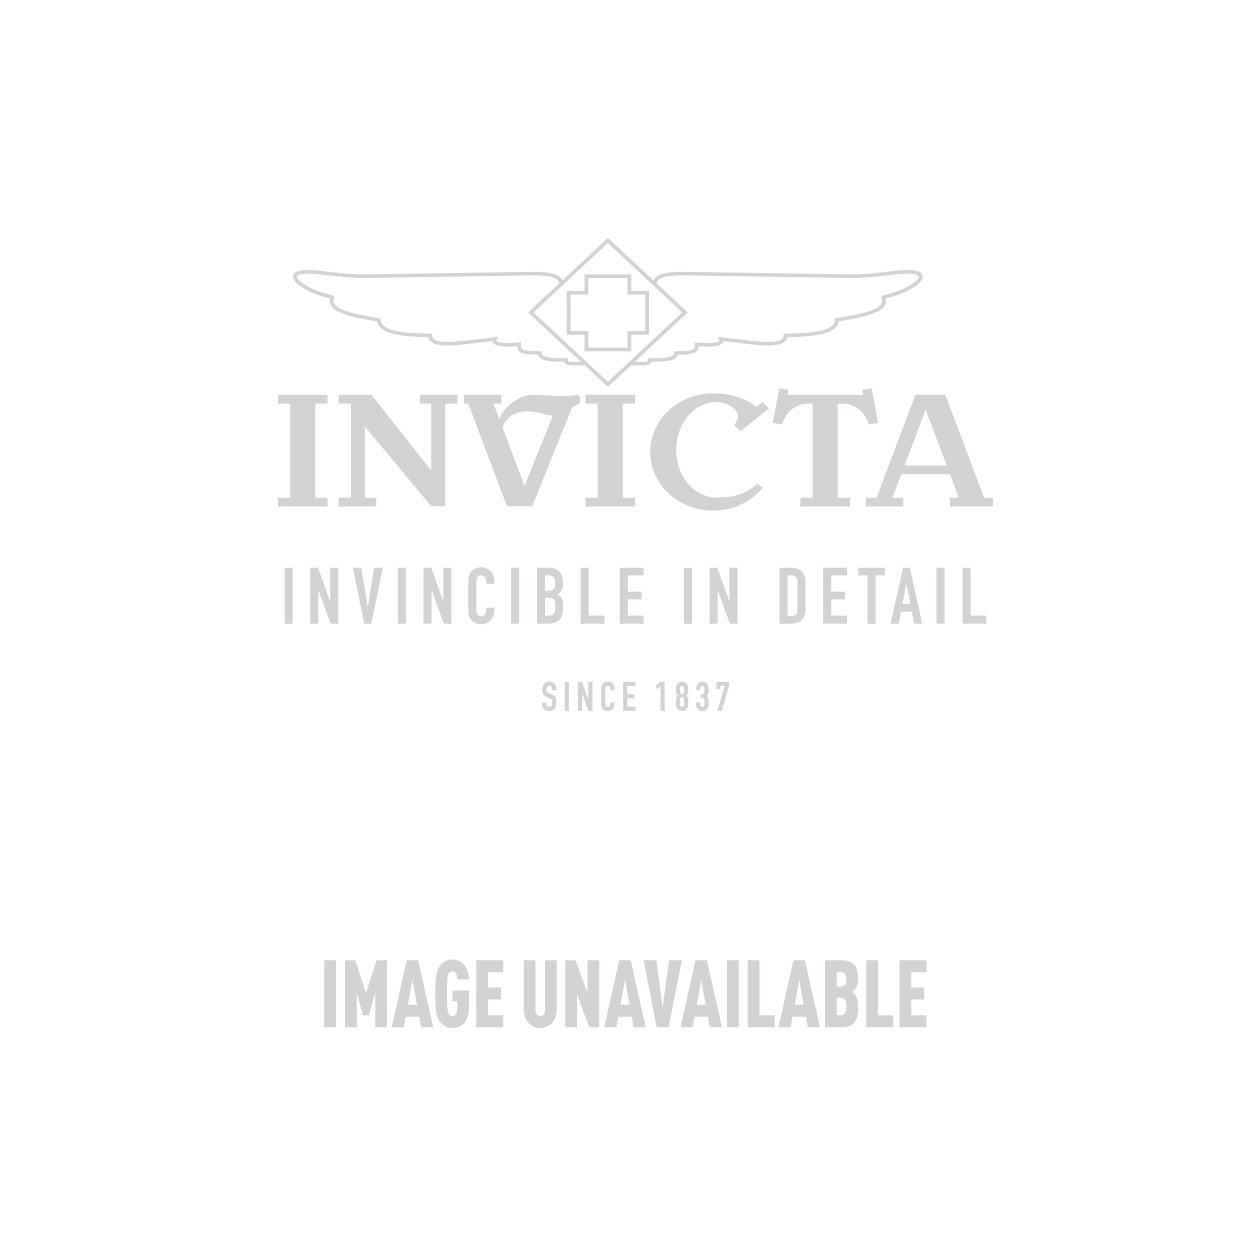 Invicta Model 23900